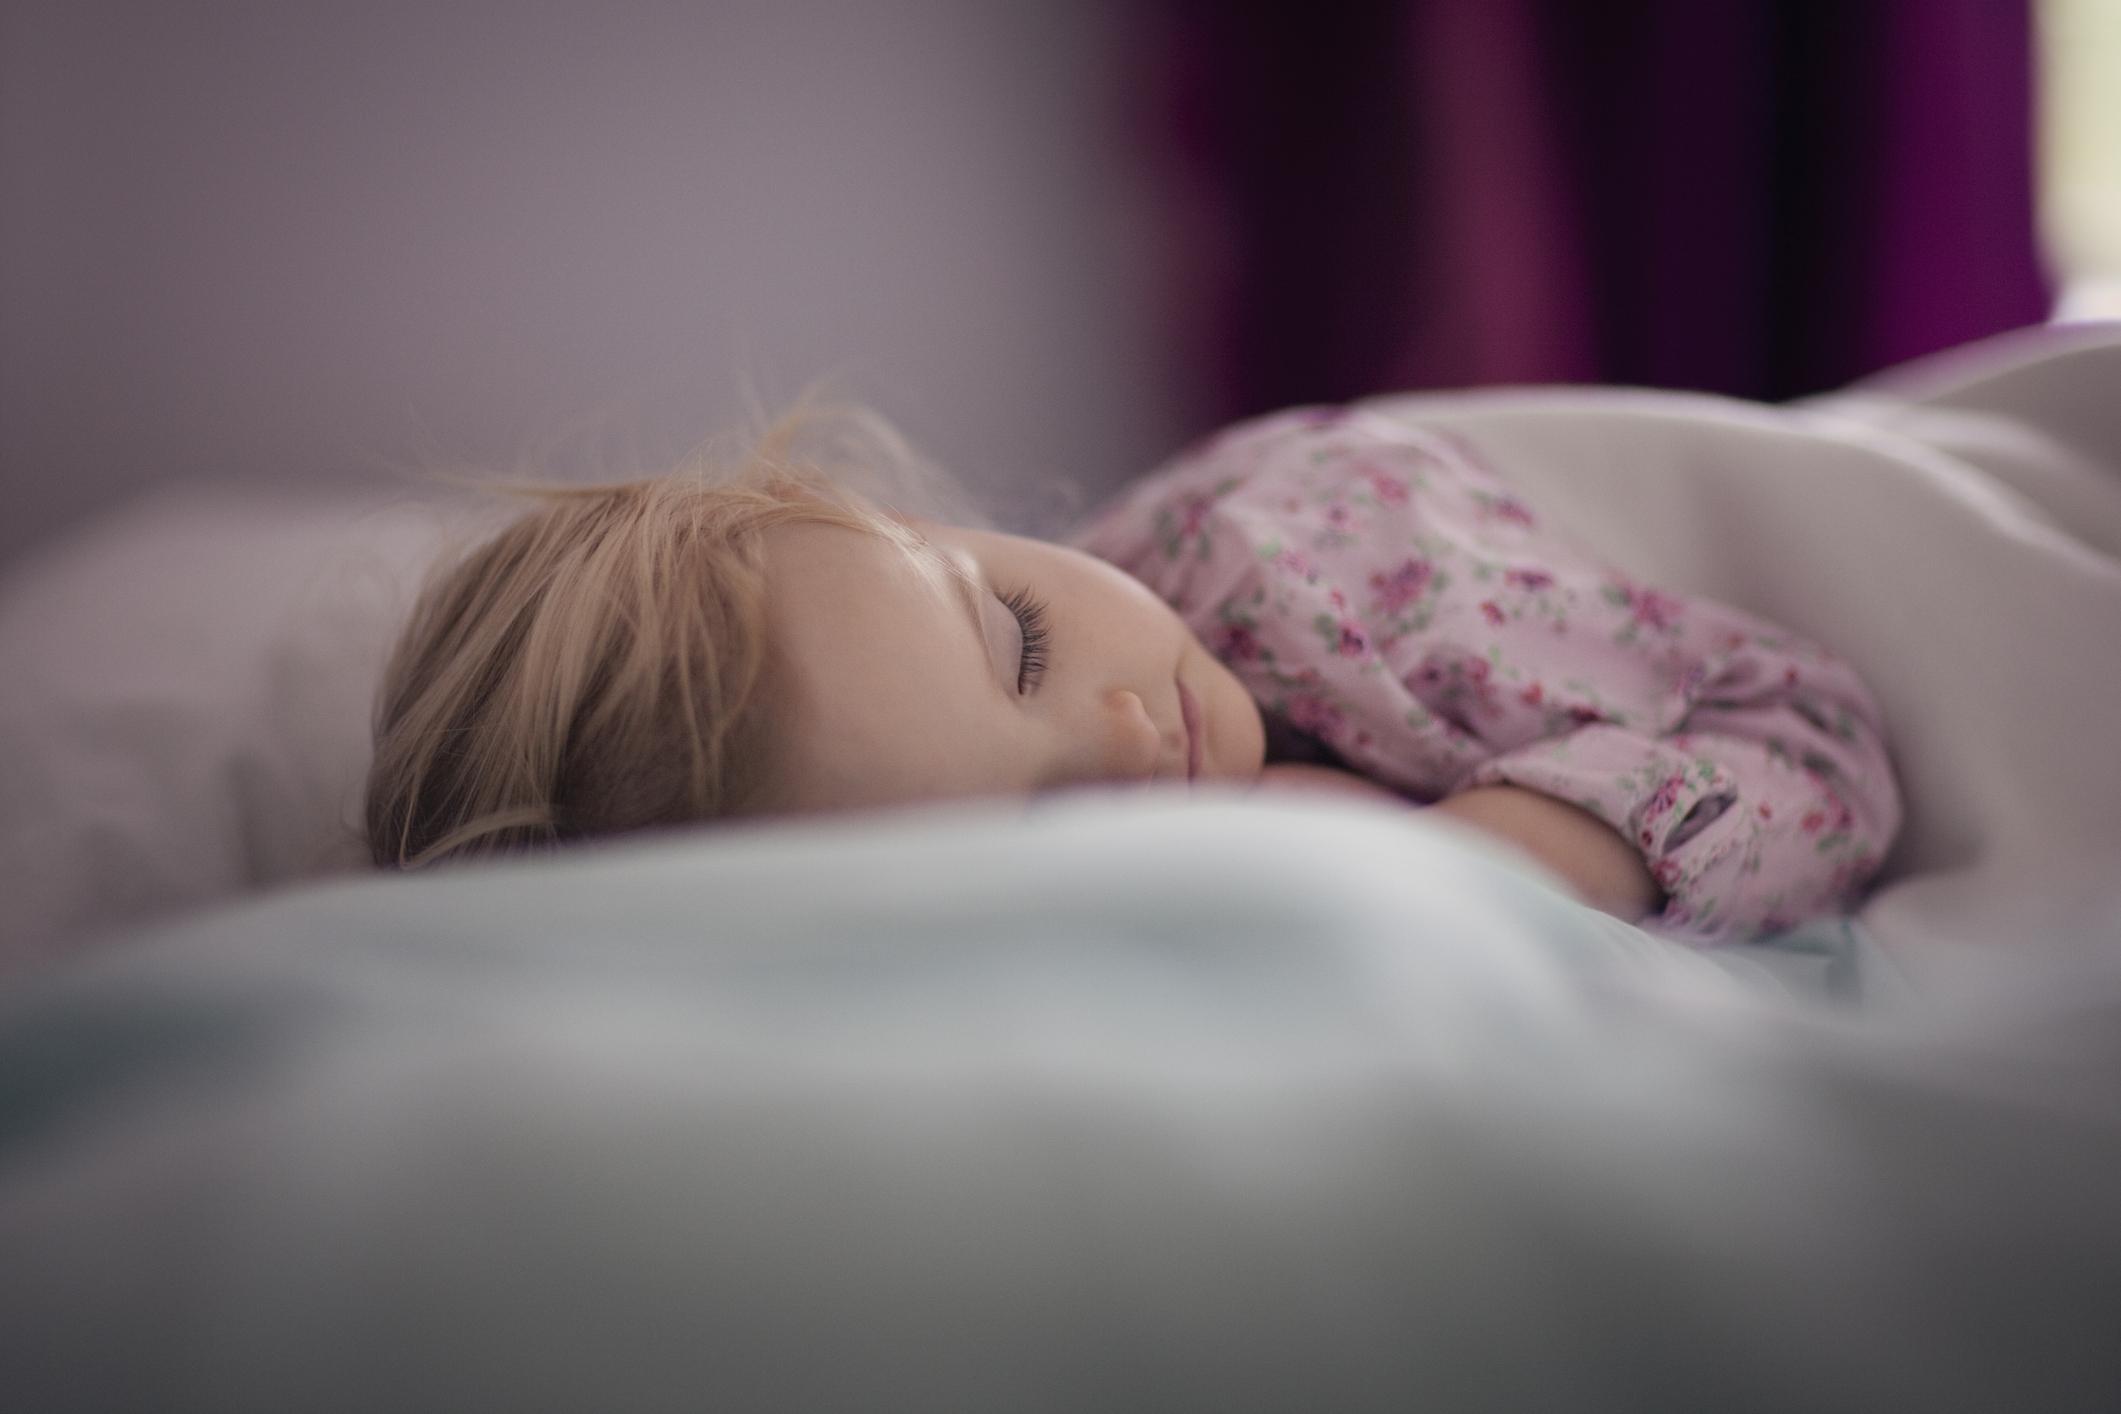 Сколько нужно спать, чтобы высыпаться - лайфхакер